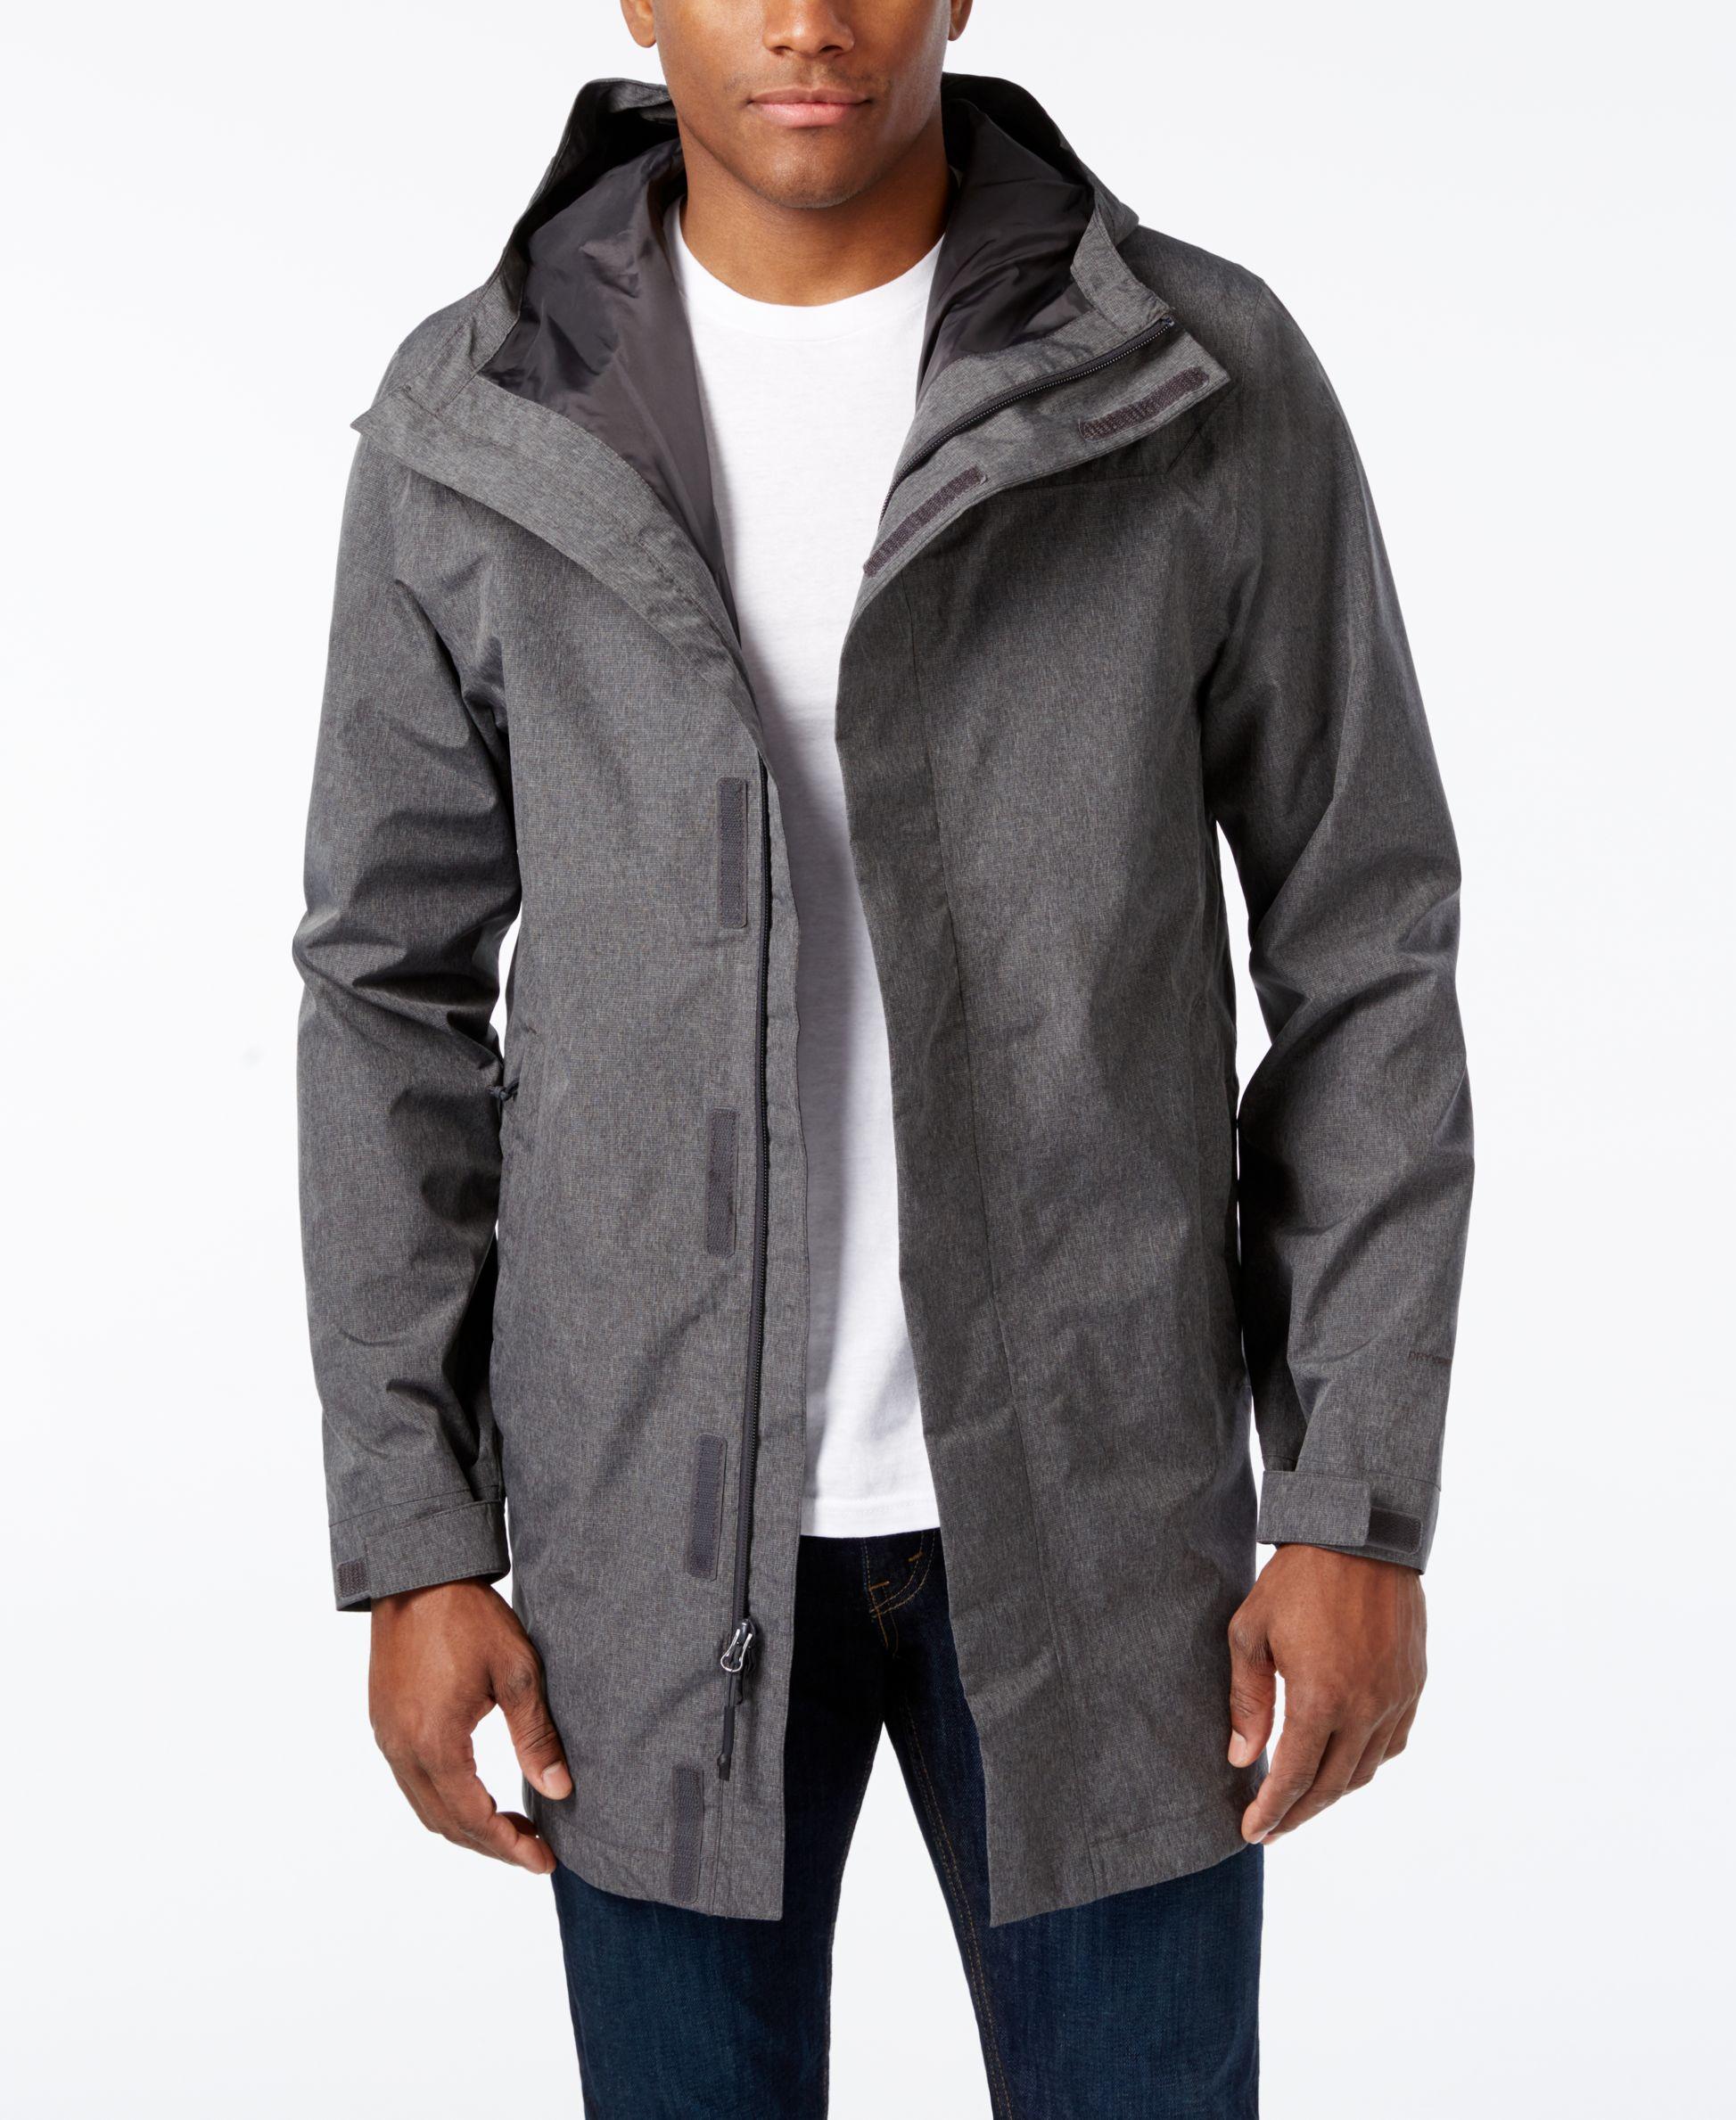 65c01139e The North Face Men's El Misti Trench Coat | Fashion